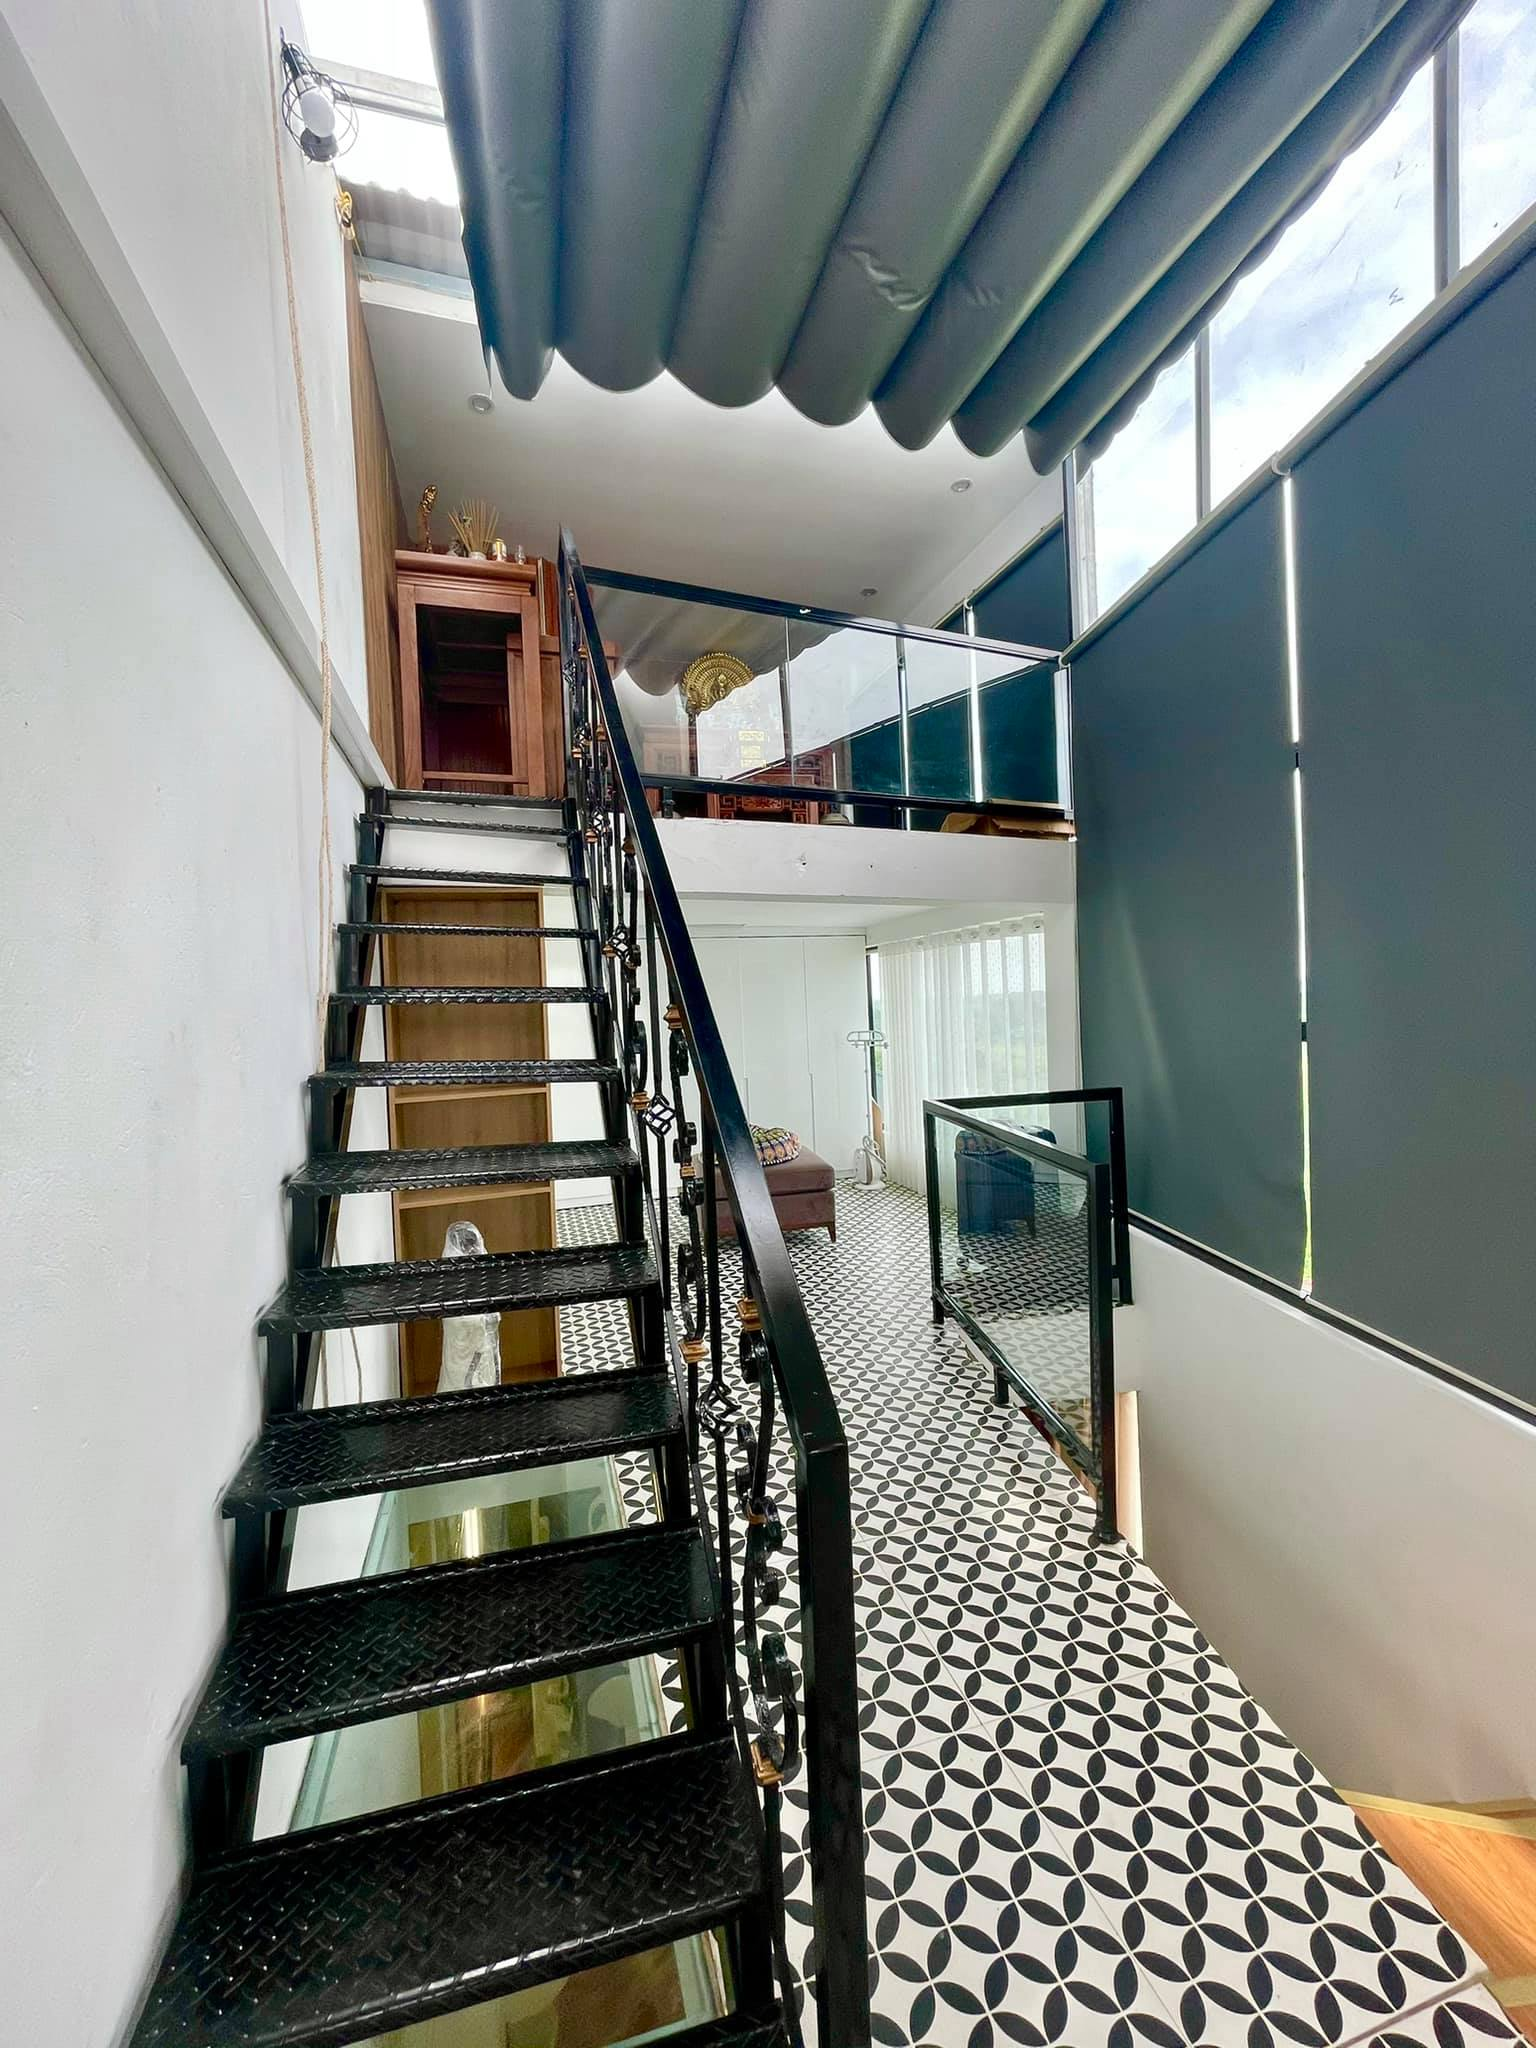 Ngôi nhà kết hợp style Á Âu của cặp vợ chồng trẻ: Phòng khách kê toàn tủ đá quý chắn lối đi, phòng ngủ sơn xanh lam khó-rời-mắt - Ảnh 13.